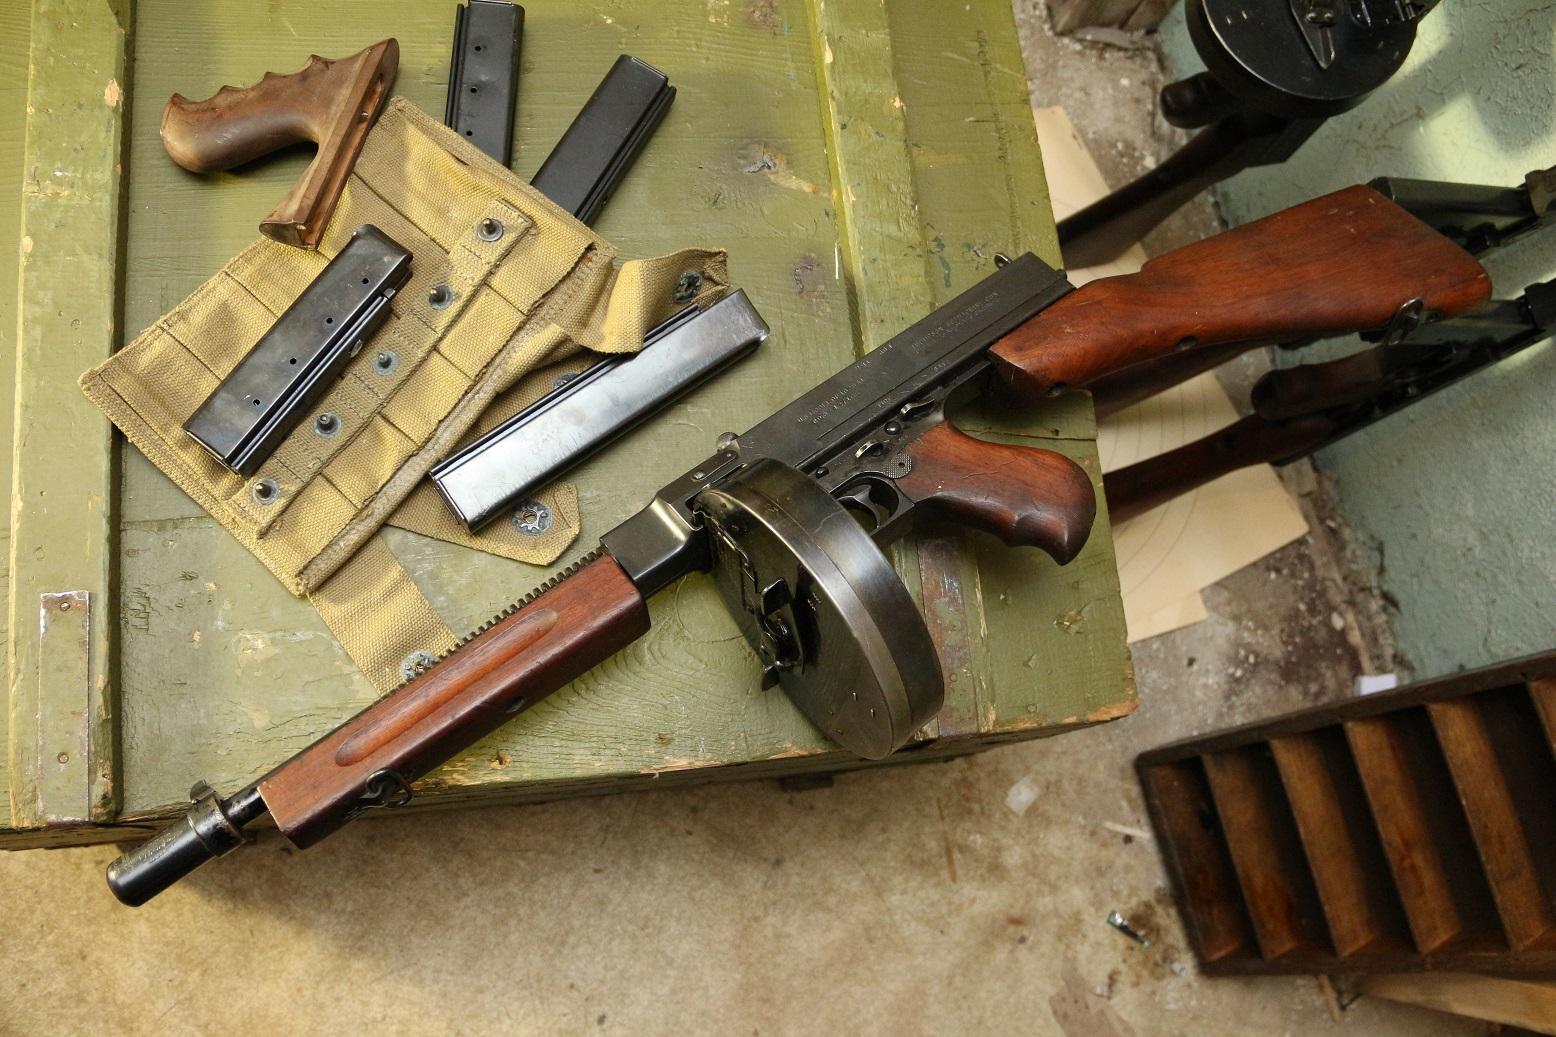 Пистолет-пулемет Томпсон 1928а1 #427166, рифленый ствол